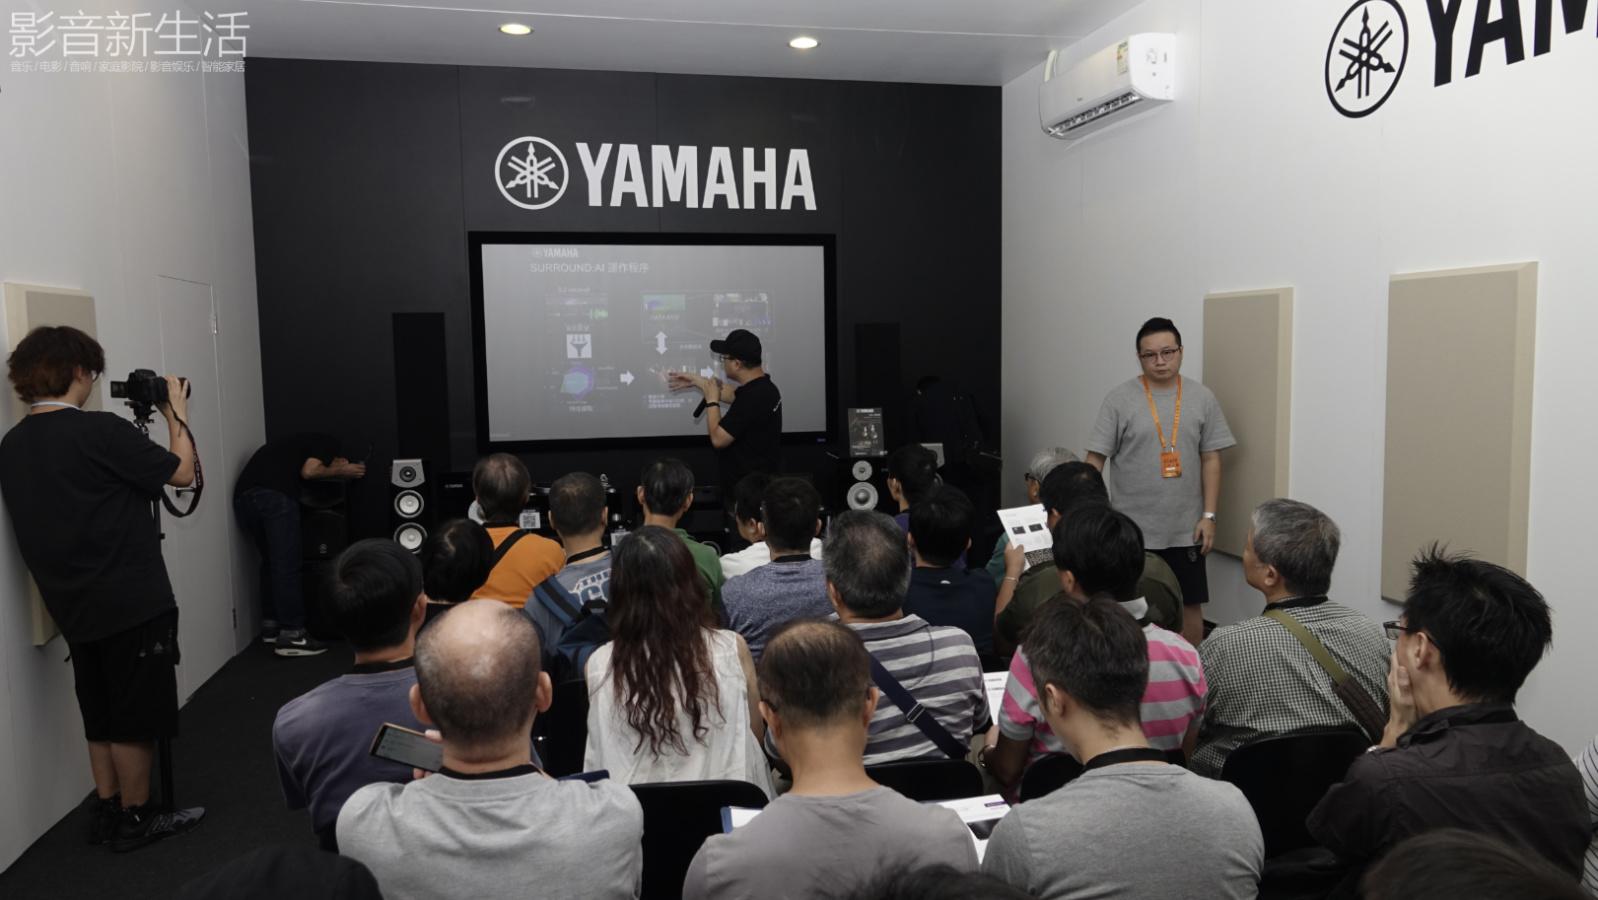 """现场   """"音乐生活的全新态度"""" Yamaha雅马哈携丰富Hi-Fi与AV新品亮相香港高级音响展"""